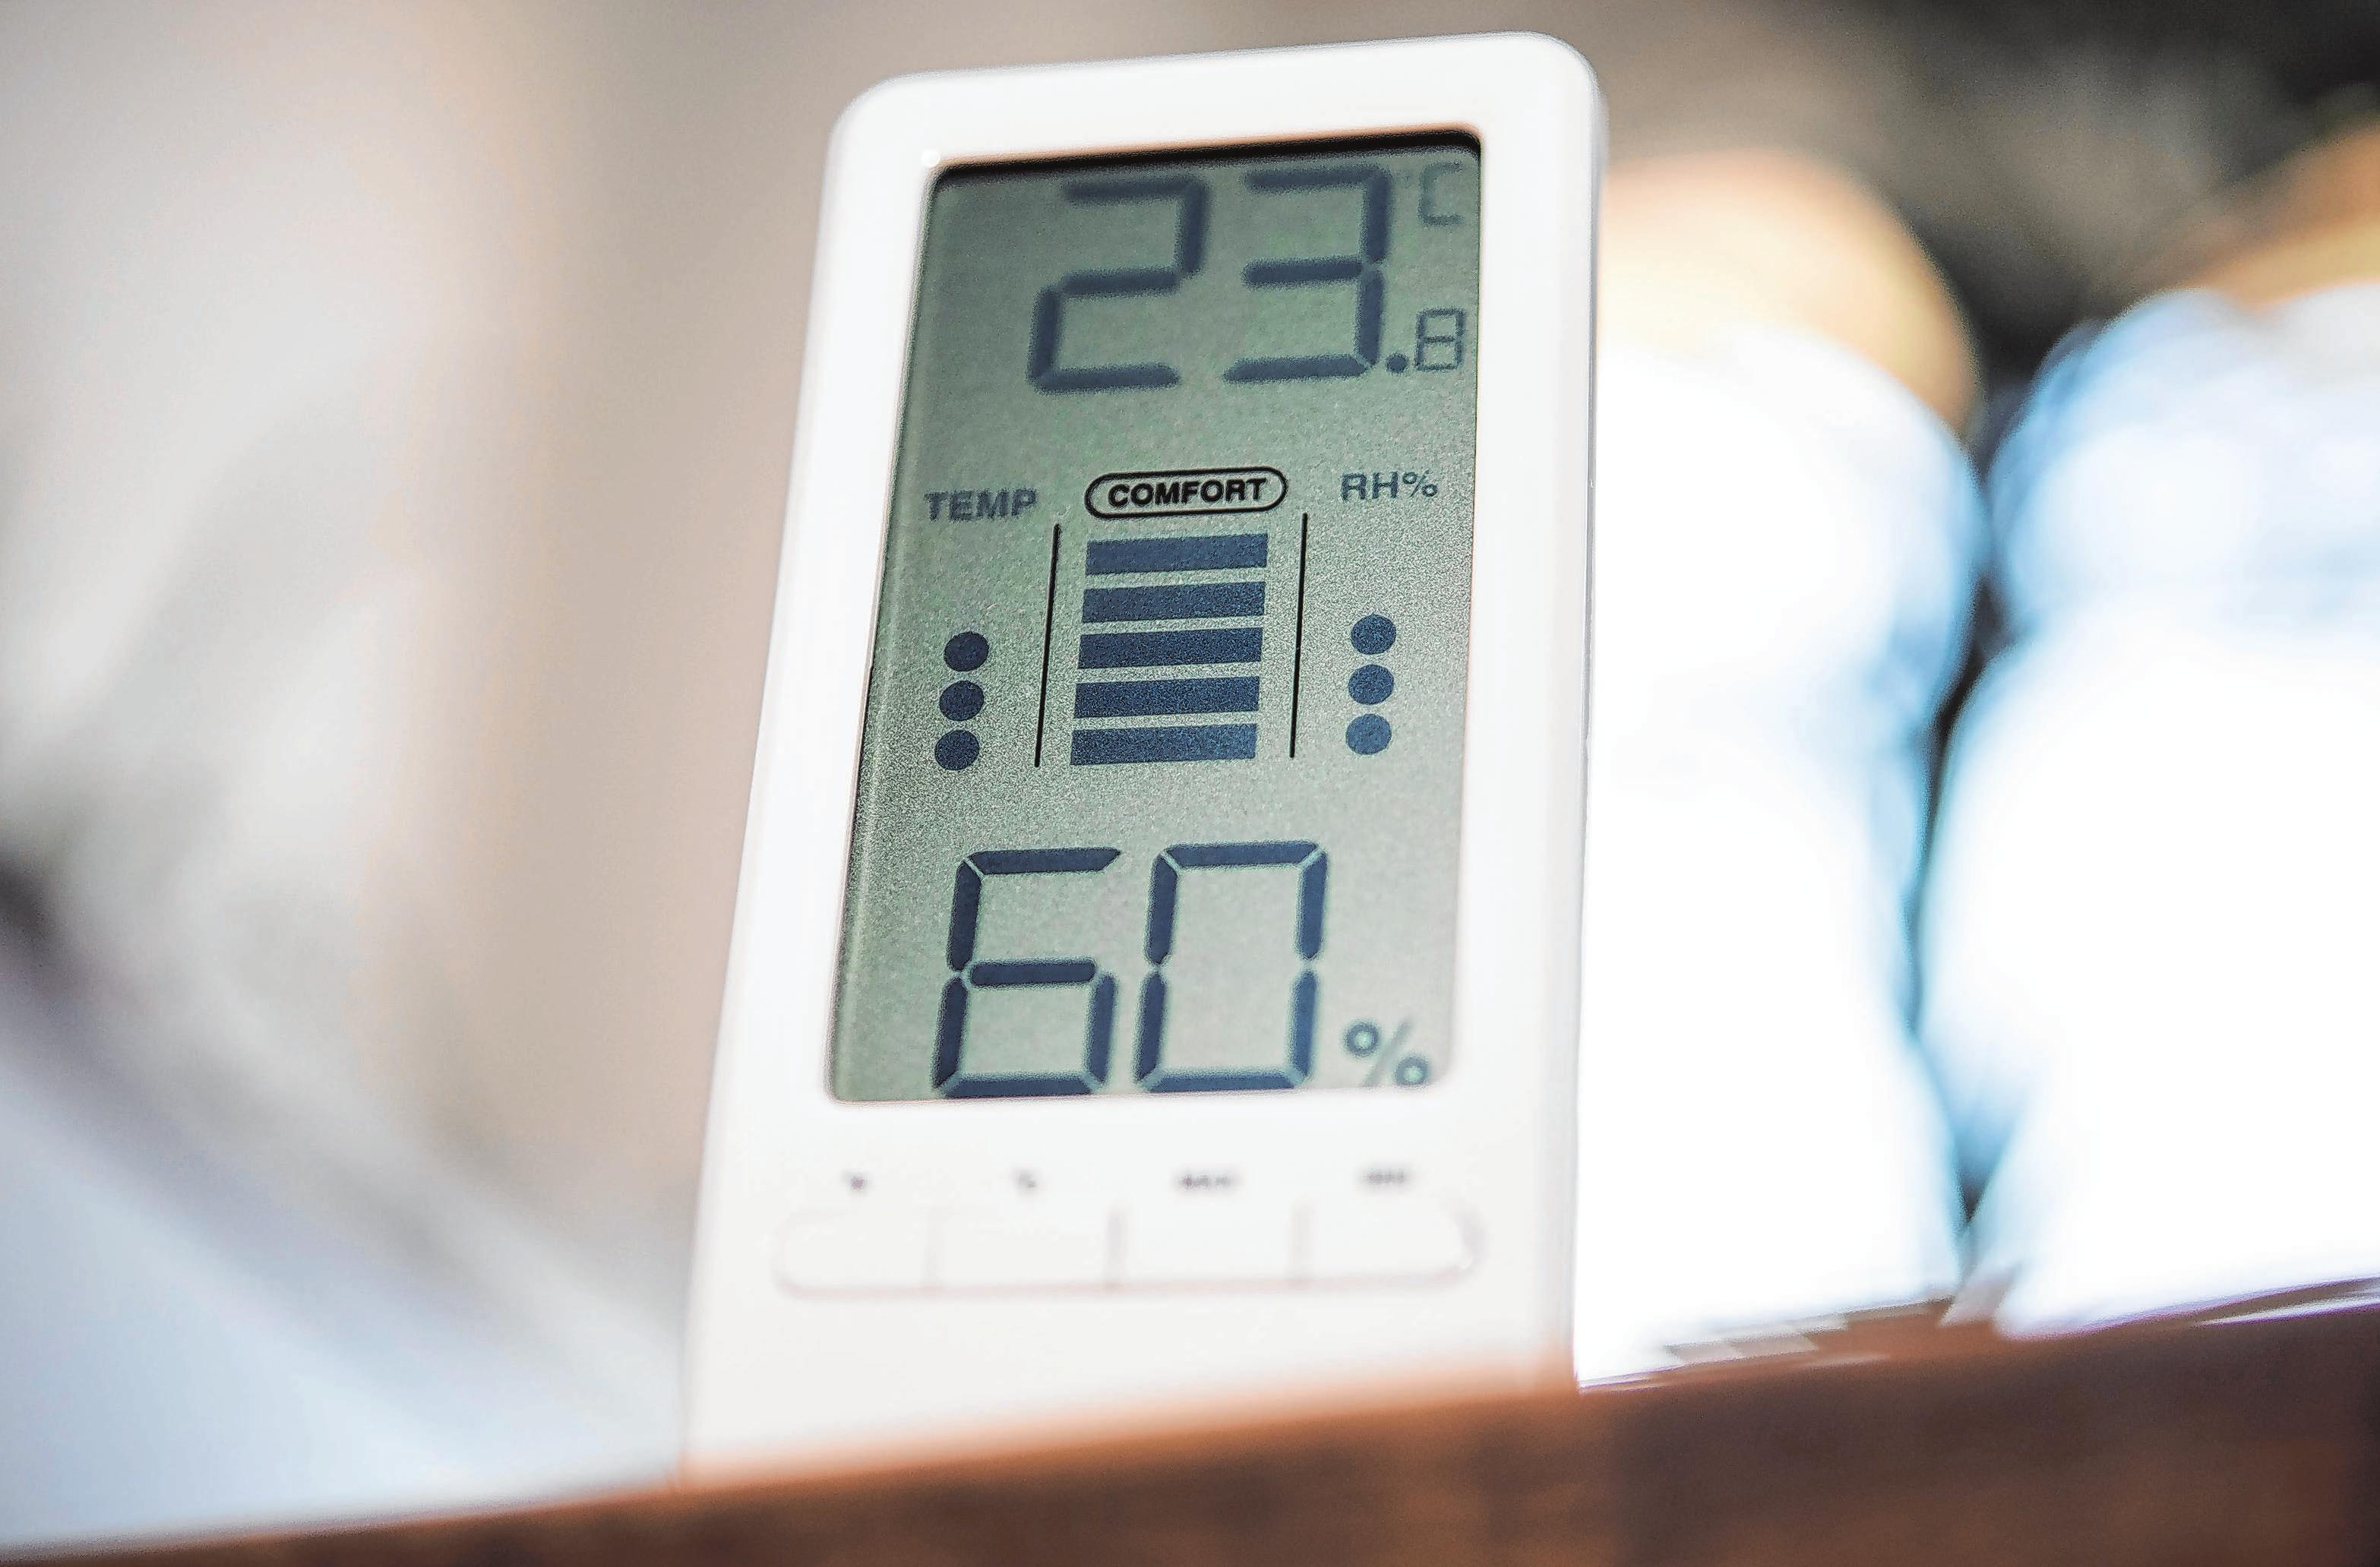 Ein Hygrometer misst die Feuchtigkeit im Wohnraum in Abhängigkeit von der Lufttemperatur. Foto: Robert Günther/dpa-mag